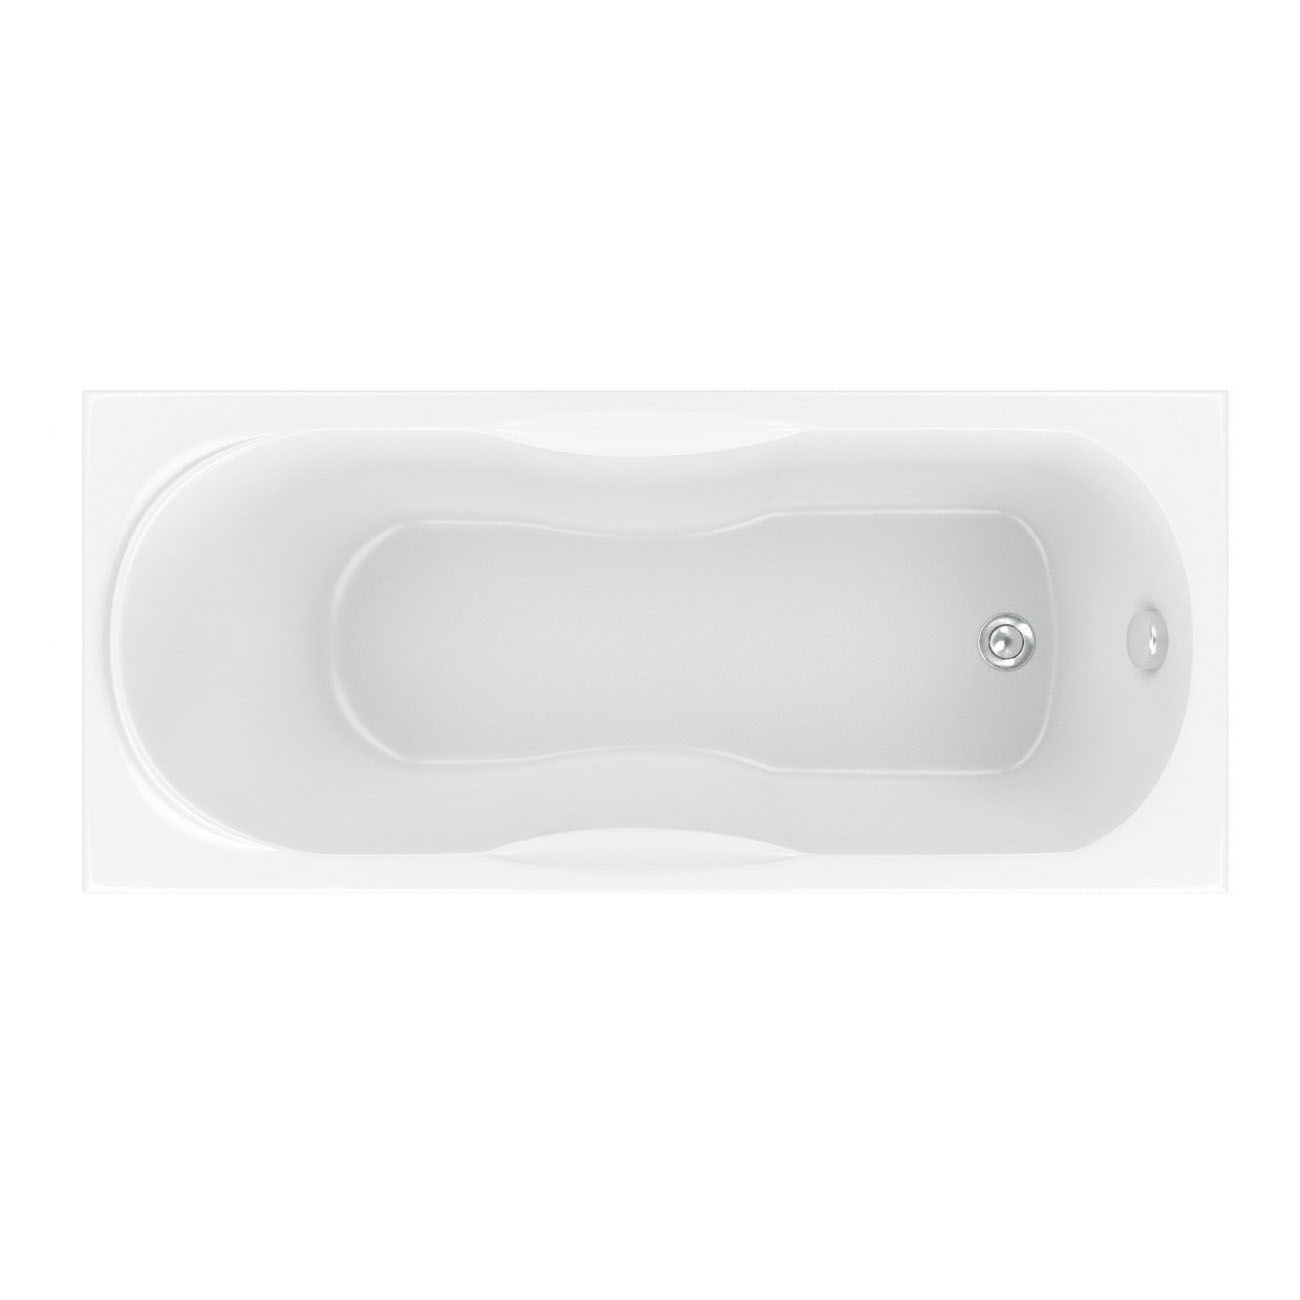 Акриловая ванна Bas Рио 170х70 без гидромассажа акриловая ванна bas империал 150x150 без гидромассажа